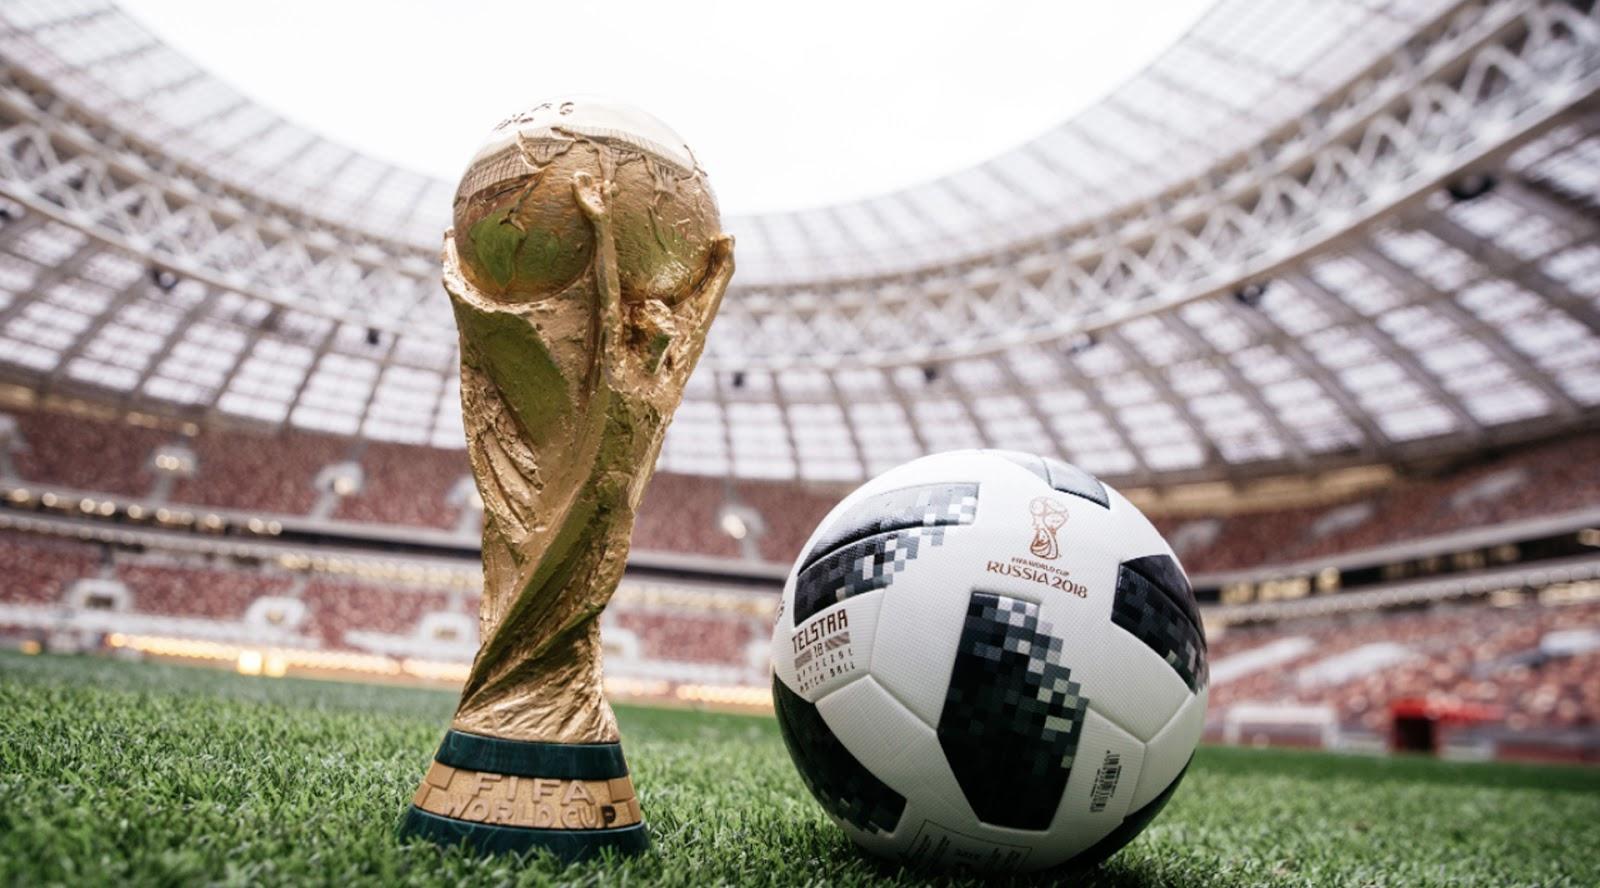 Trofi Piala Dunia Dan cerita di balik Piala Dunia